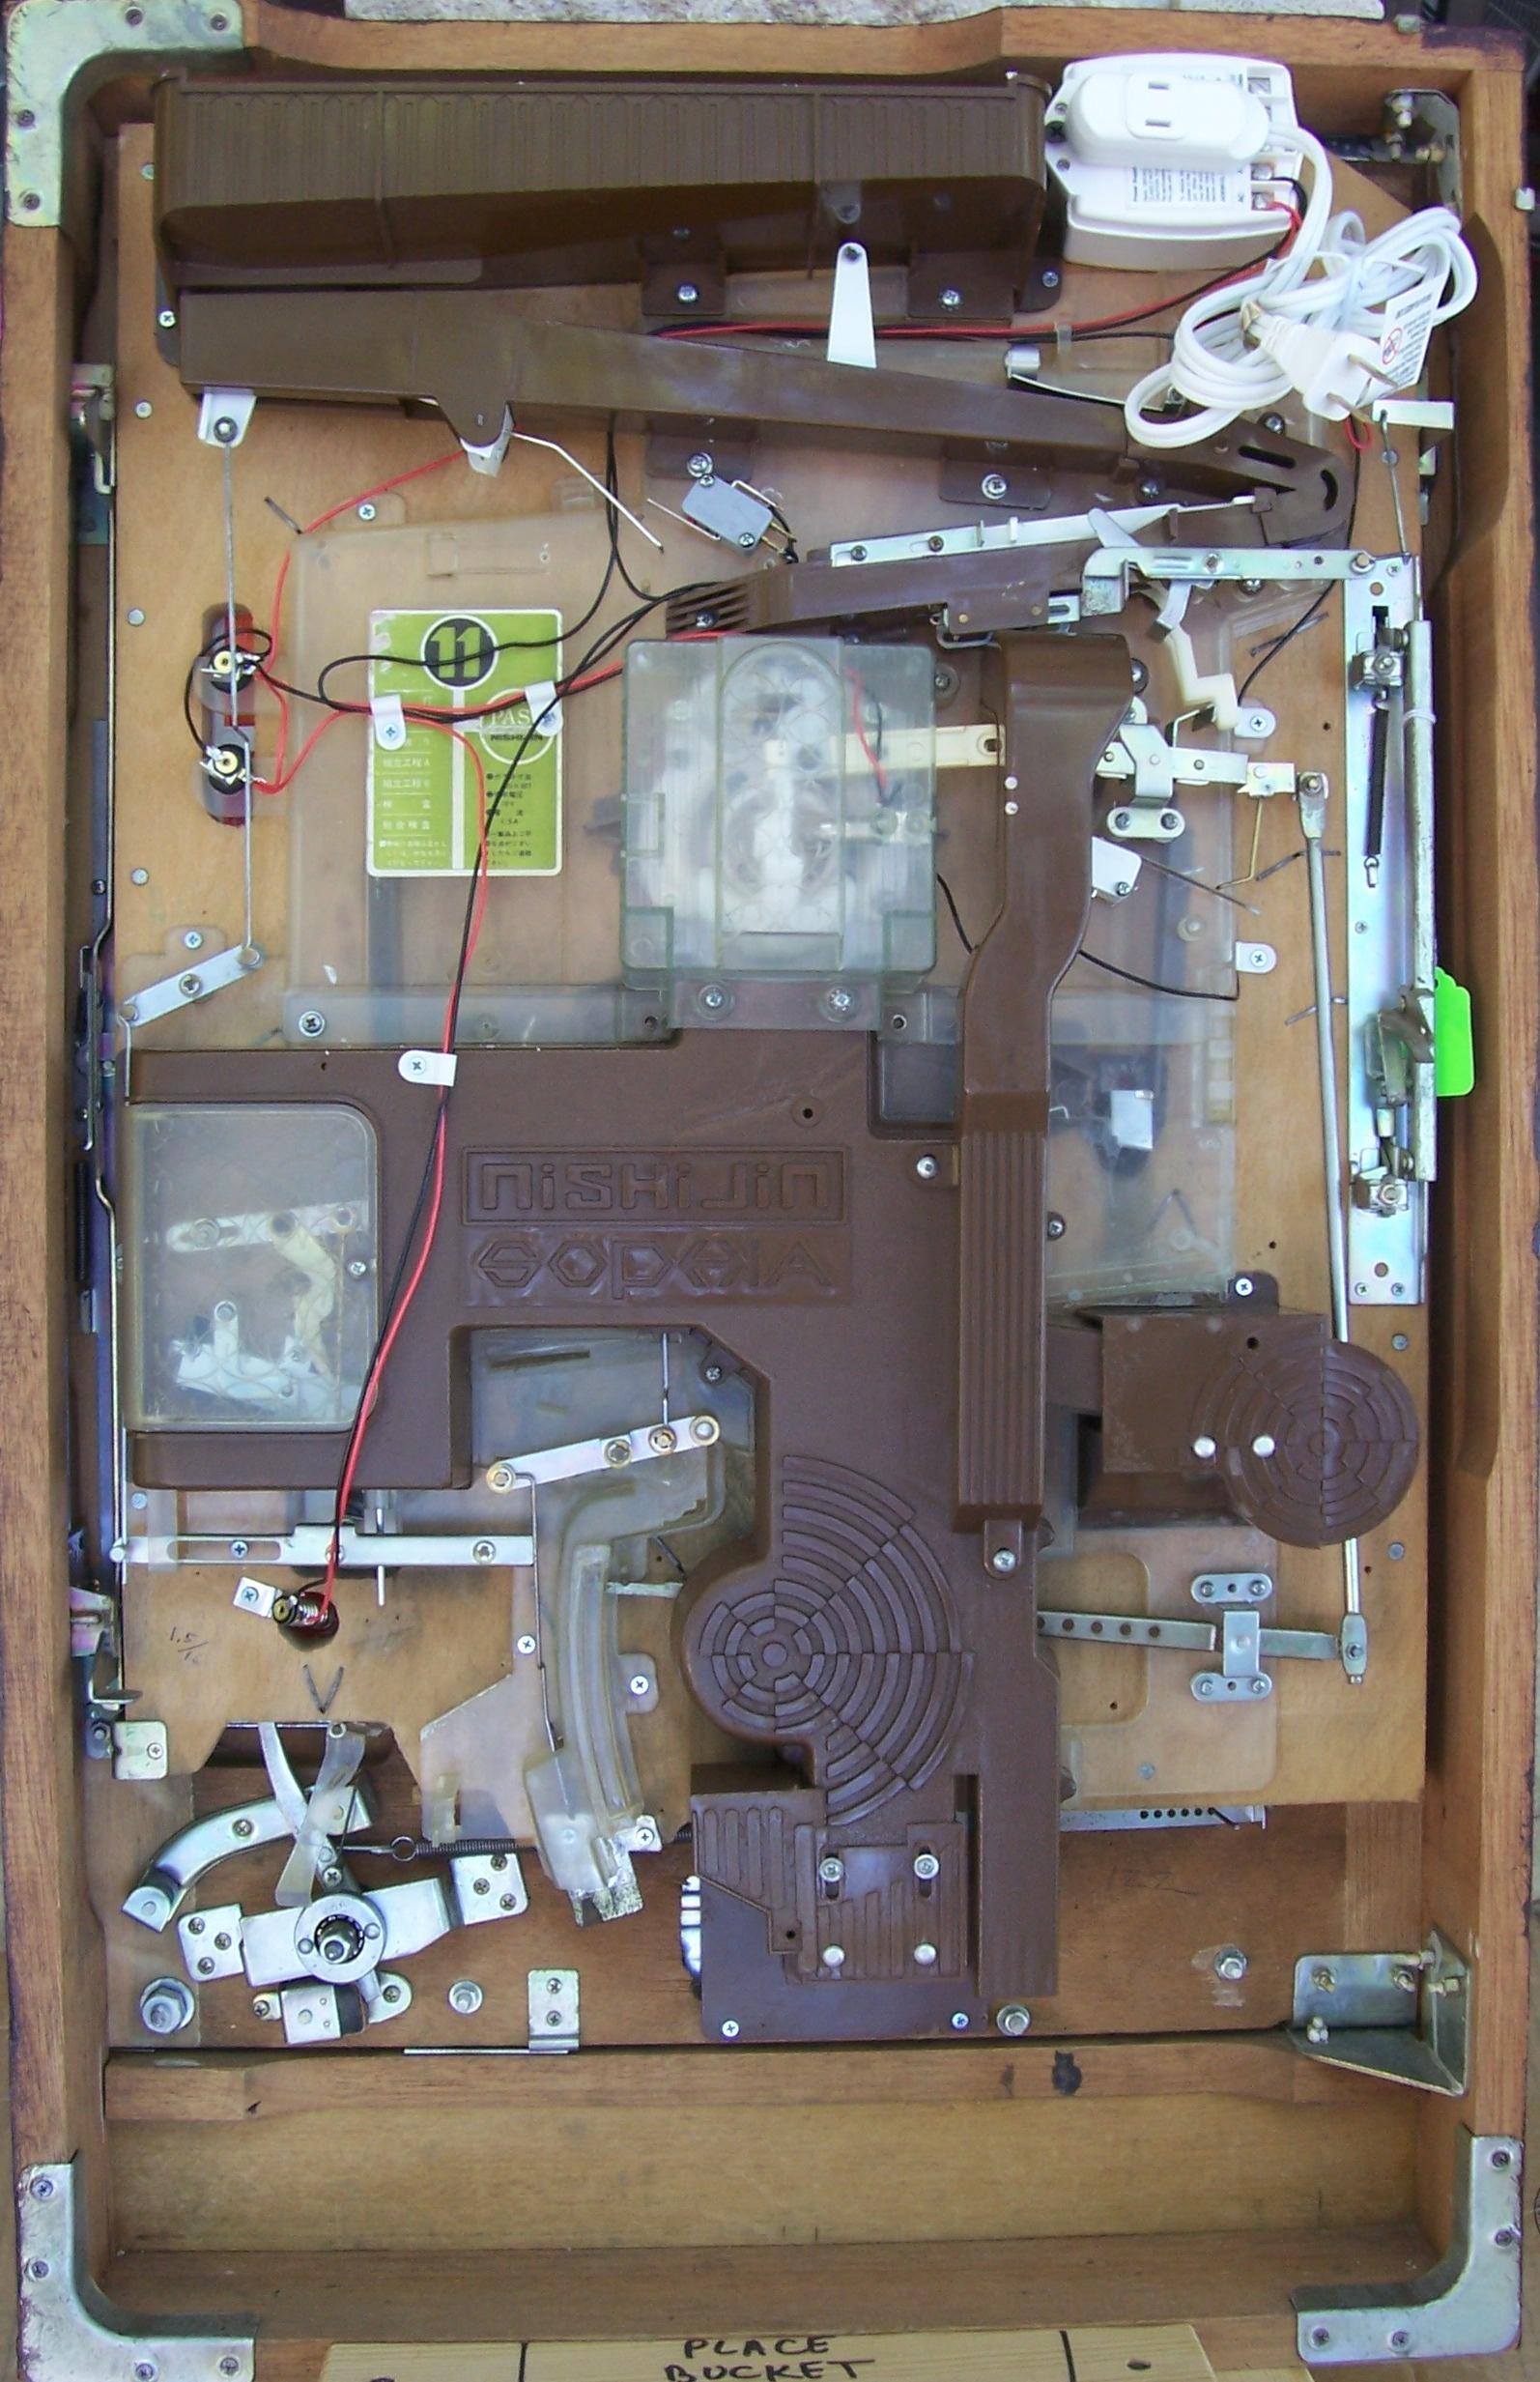 major pachinko machine designs pachinkoman rh vintagepachinko wordpress com pachinko machine wiring diagram nishijin pachinko wiring diagram